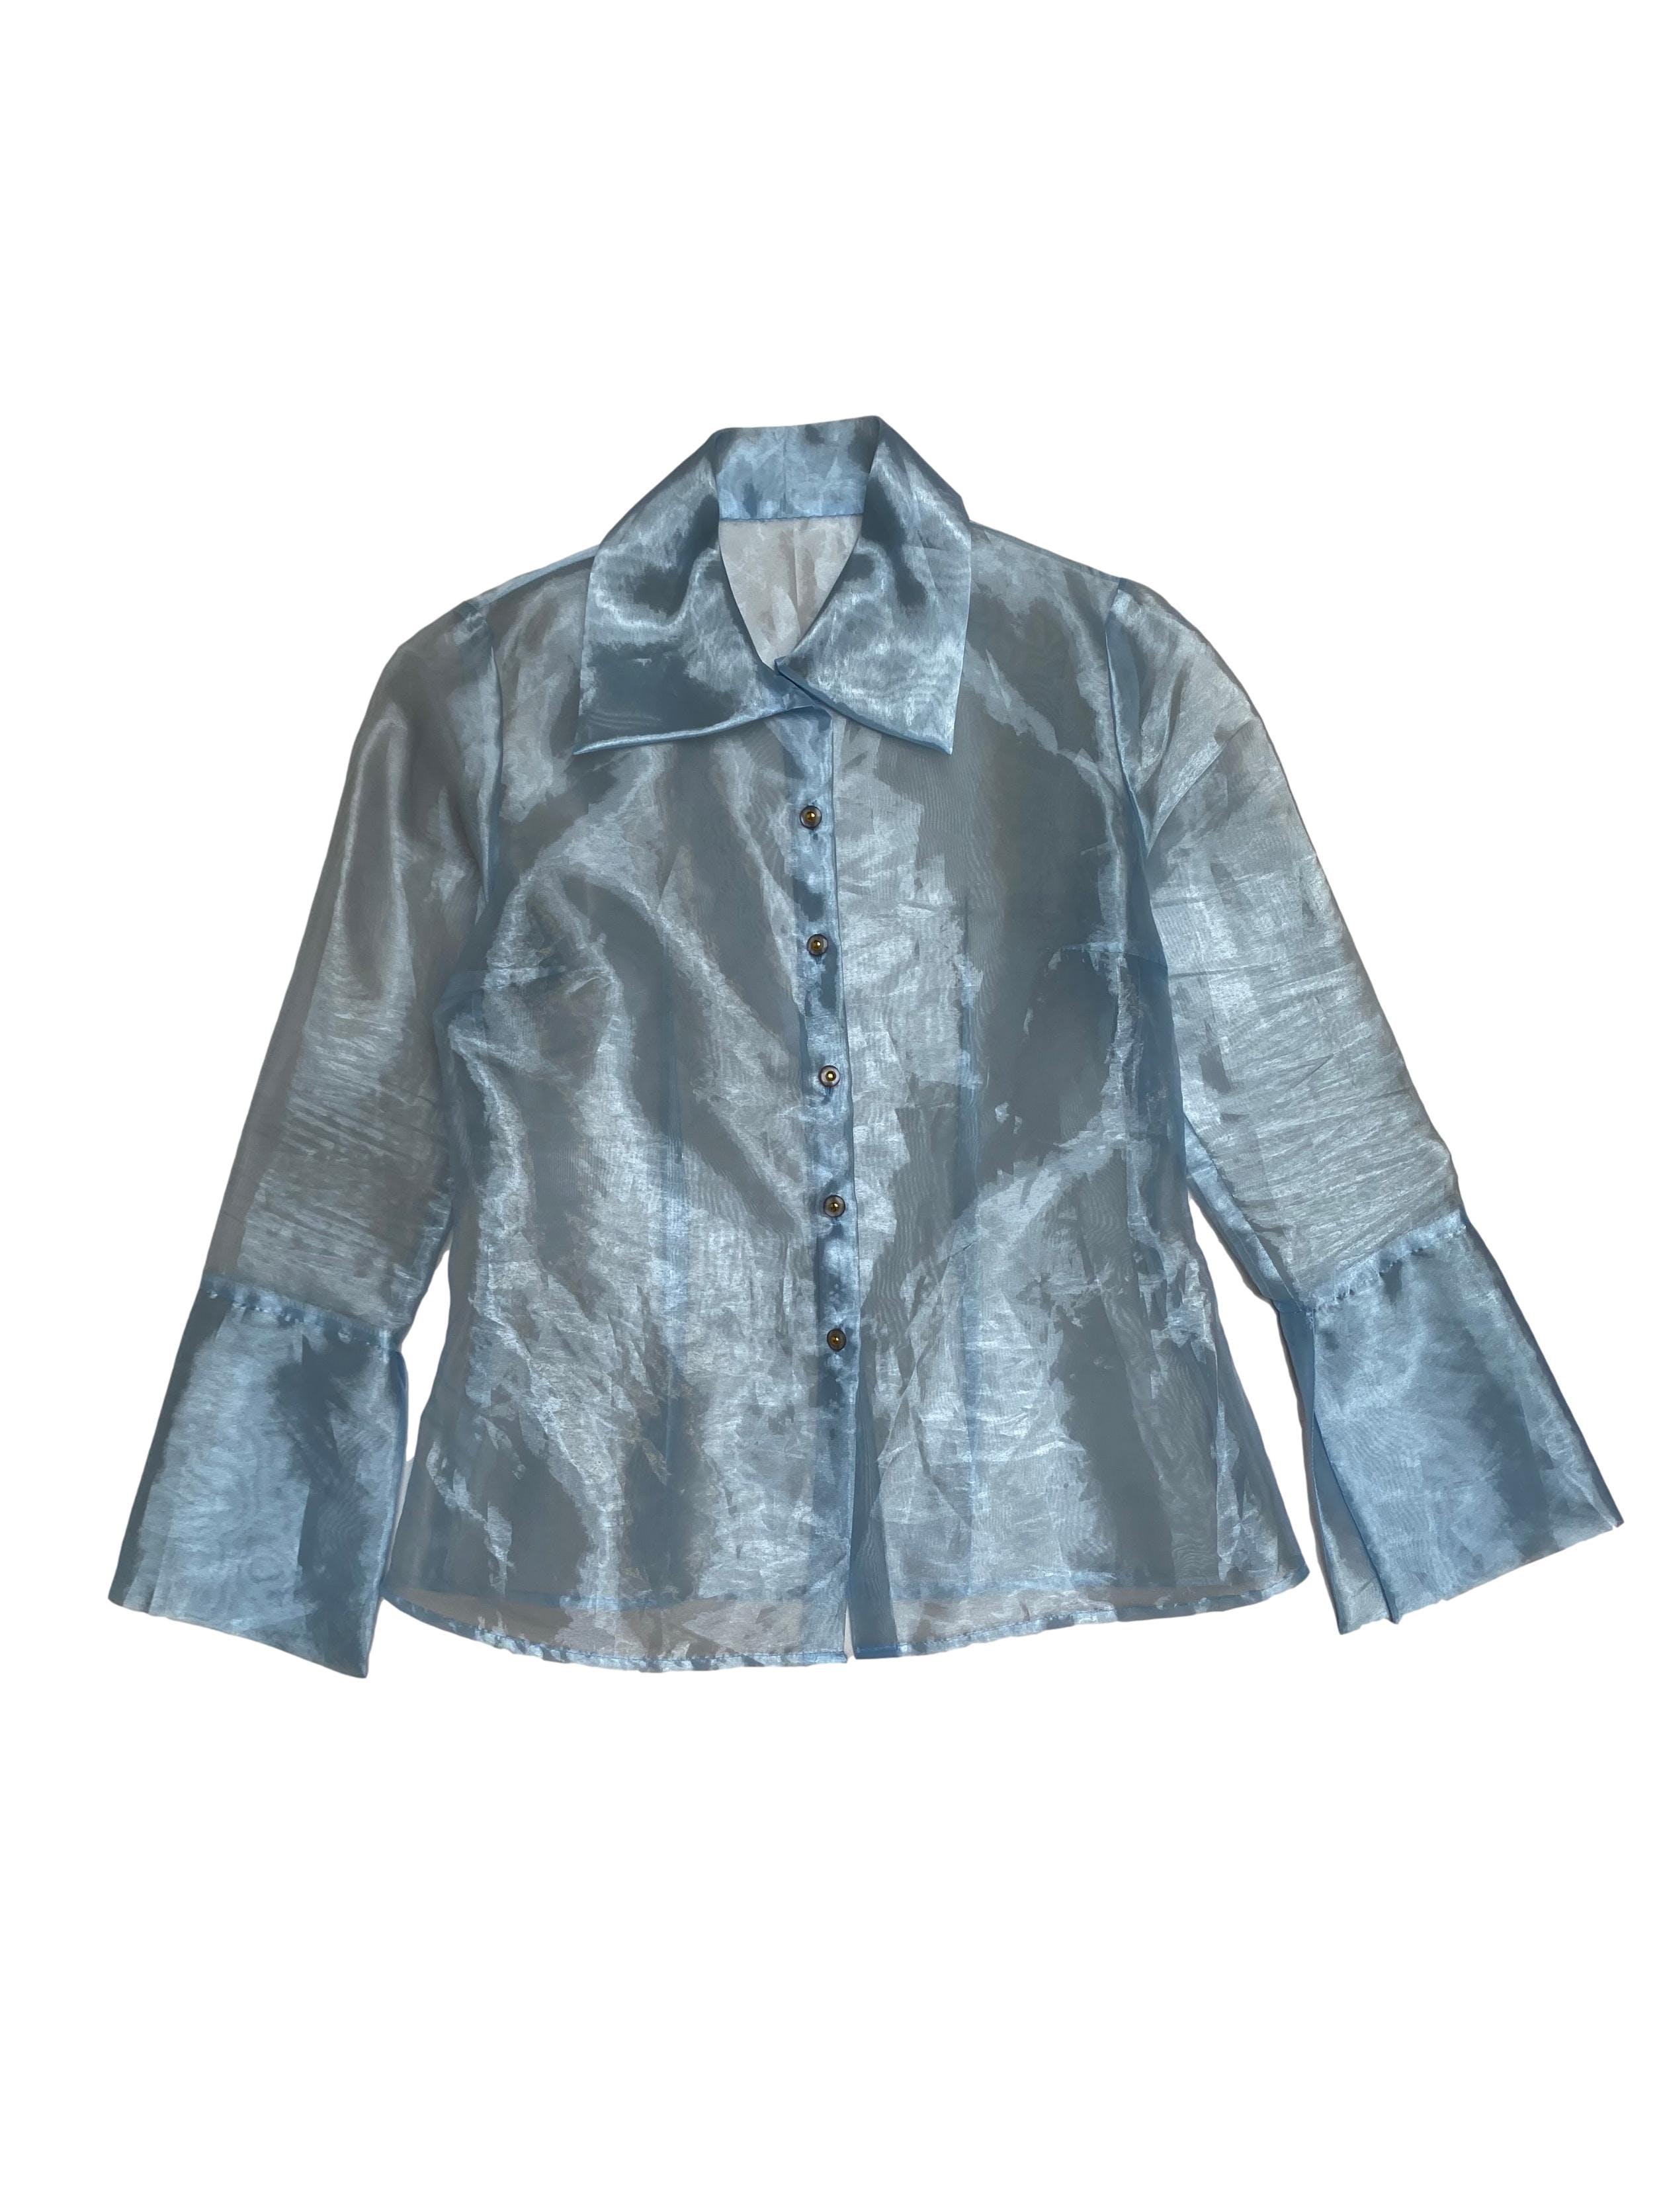 Blusa de organza celeste, maxi cuello y puños, botones delanteros y tiene pinzas. Busto 98cm